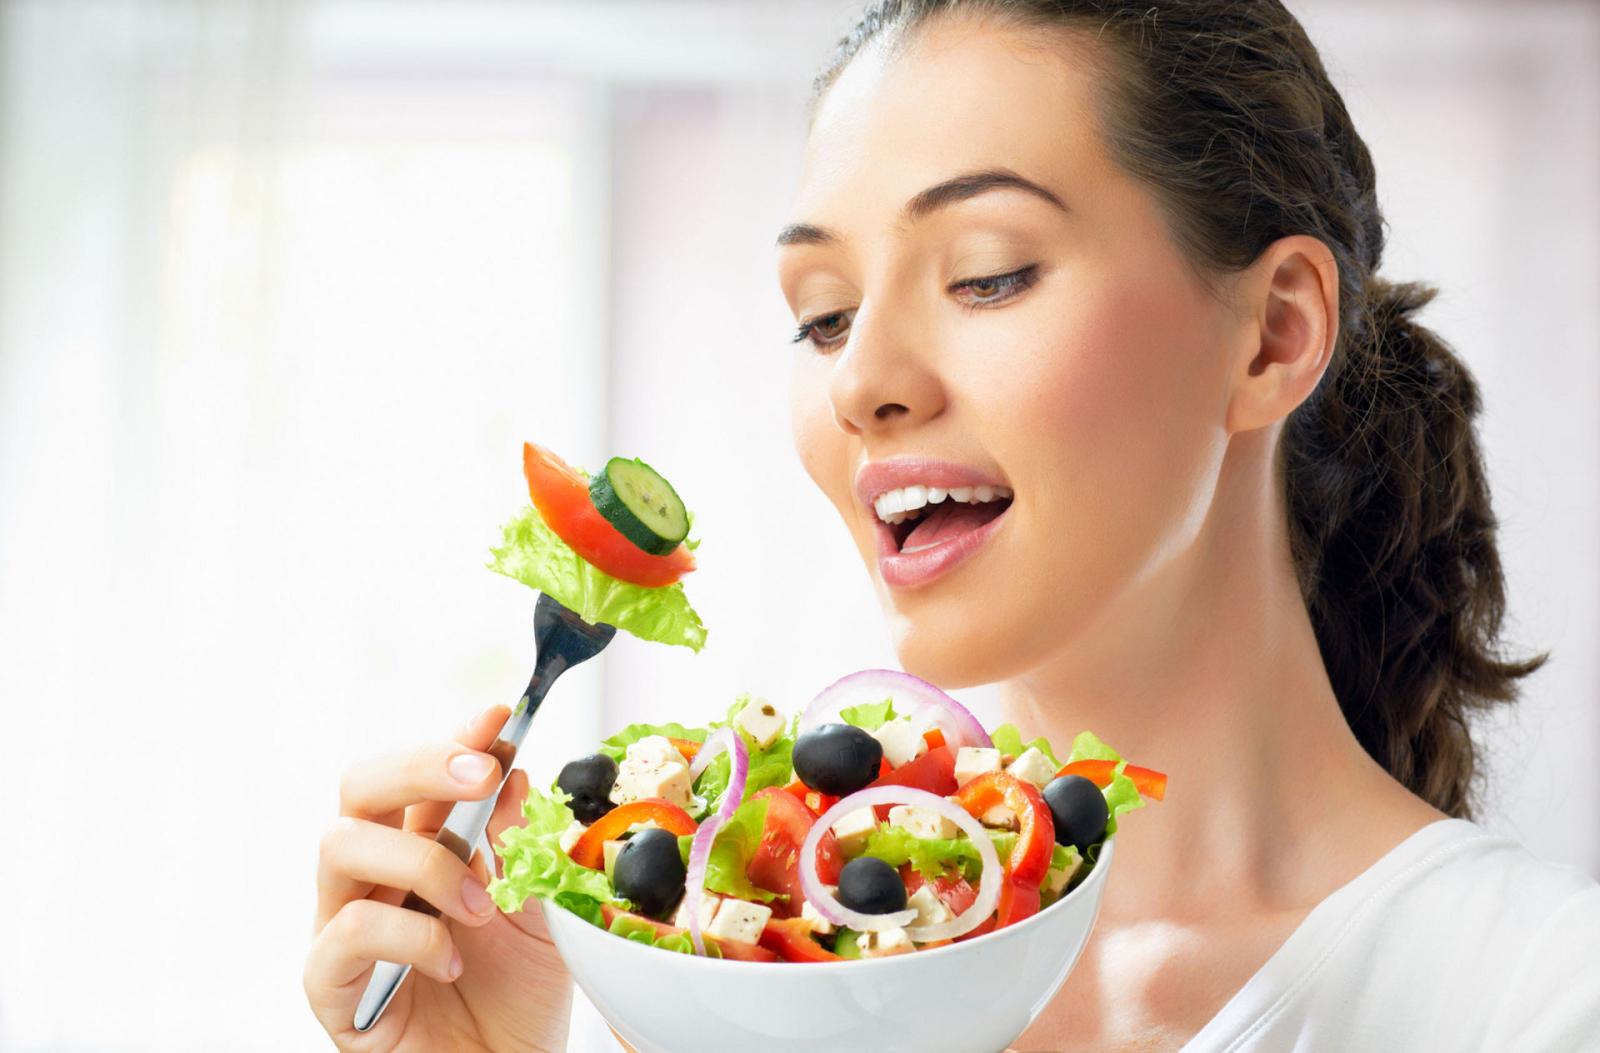 5 loại thực phẩm giúp chị em ngắn ngừa chảy xệ vòng 1 mà lại tốt cho sức khỏe - ảnh 1